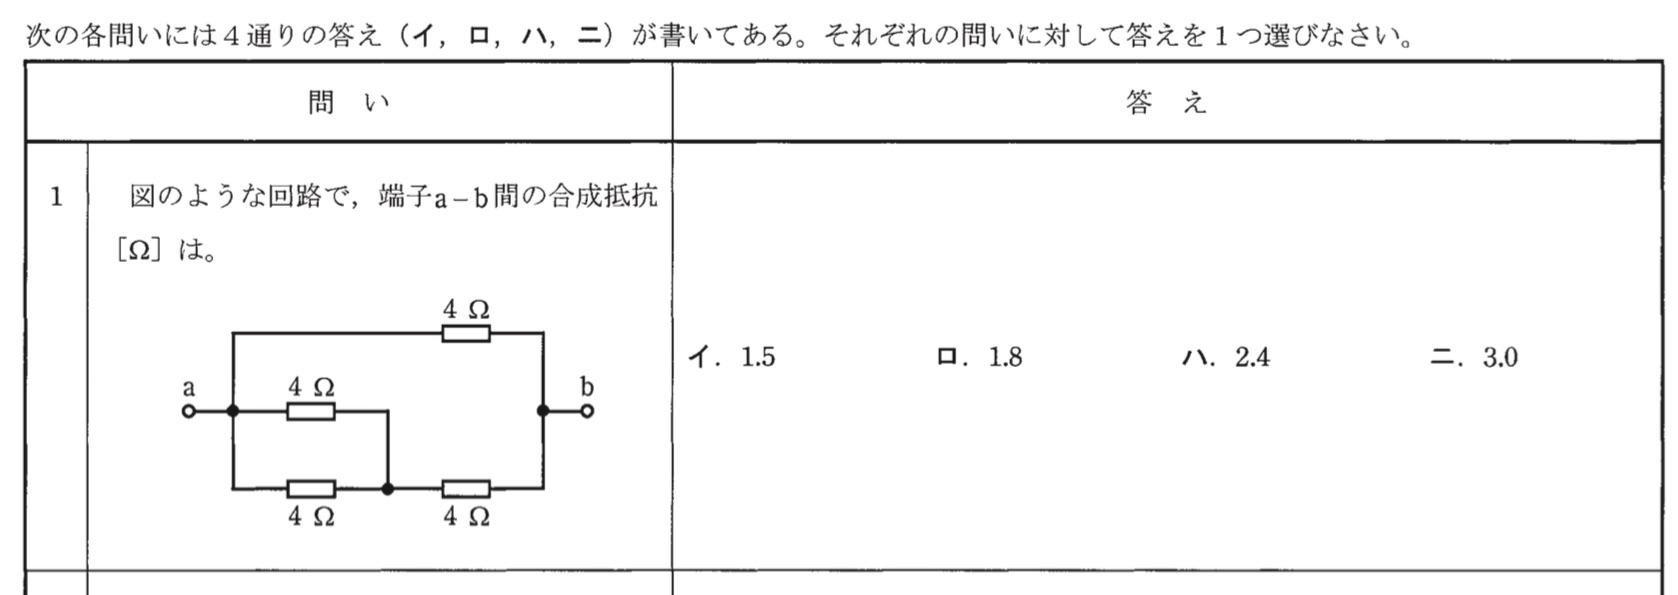 www_shiken_or_jp_answer_pdf_181_file_nm01_KA1_PDF.jpg